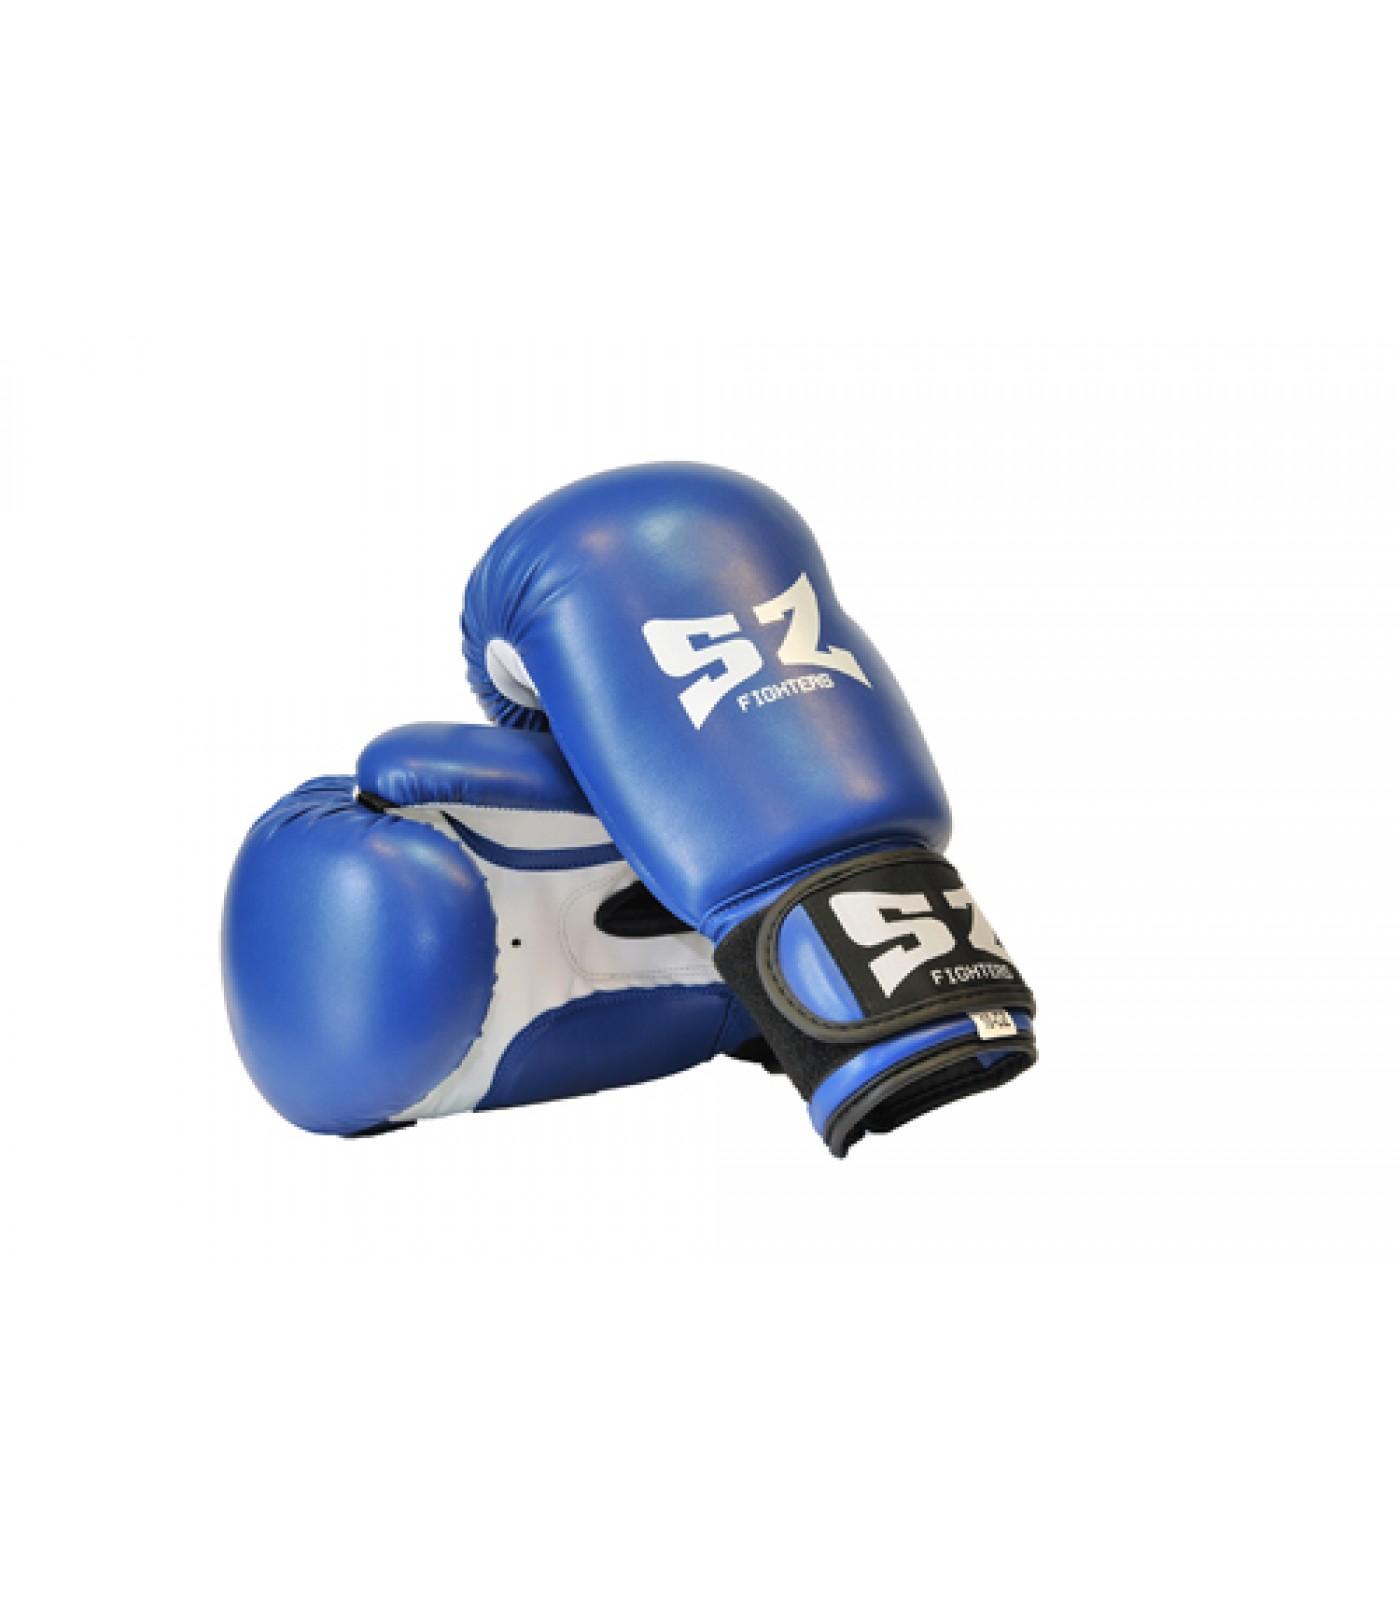 SZ Fighters - Боксови ръкавици (Изкуствена кожа) - син цвят